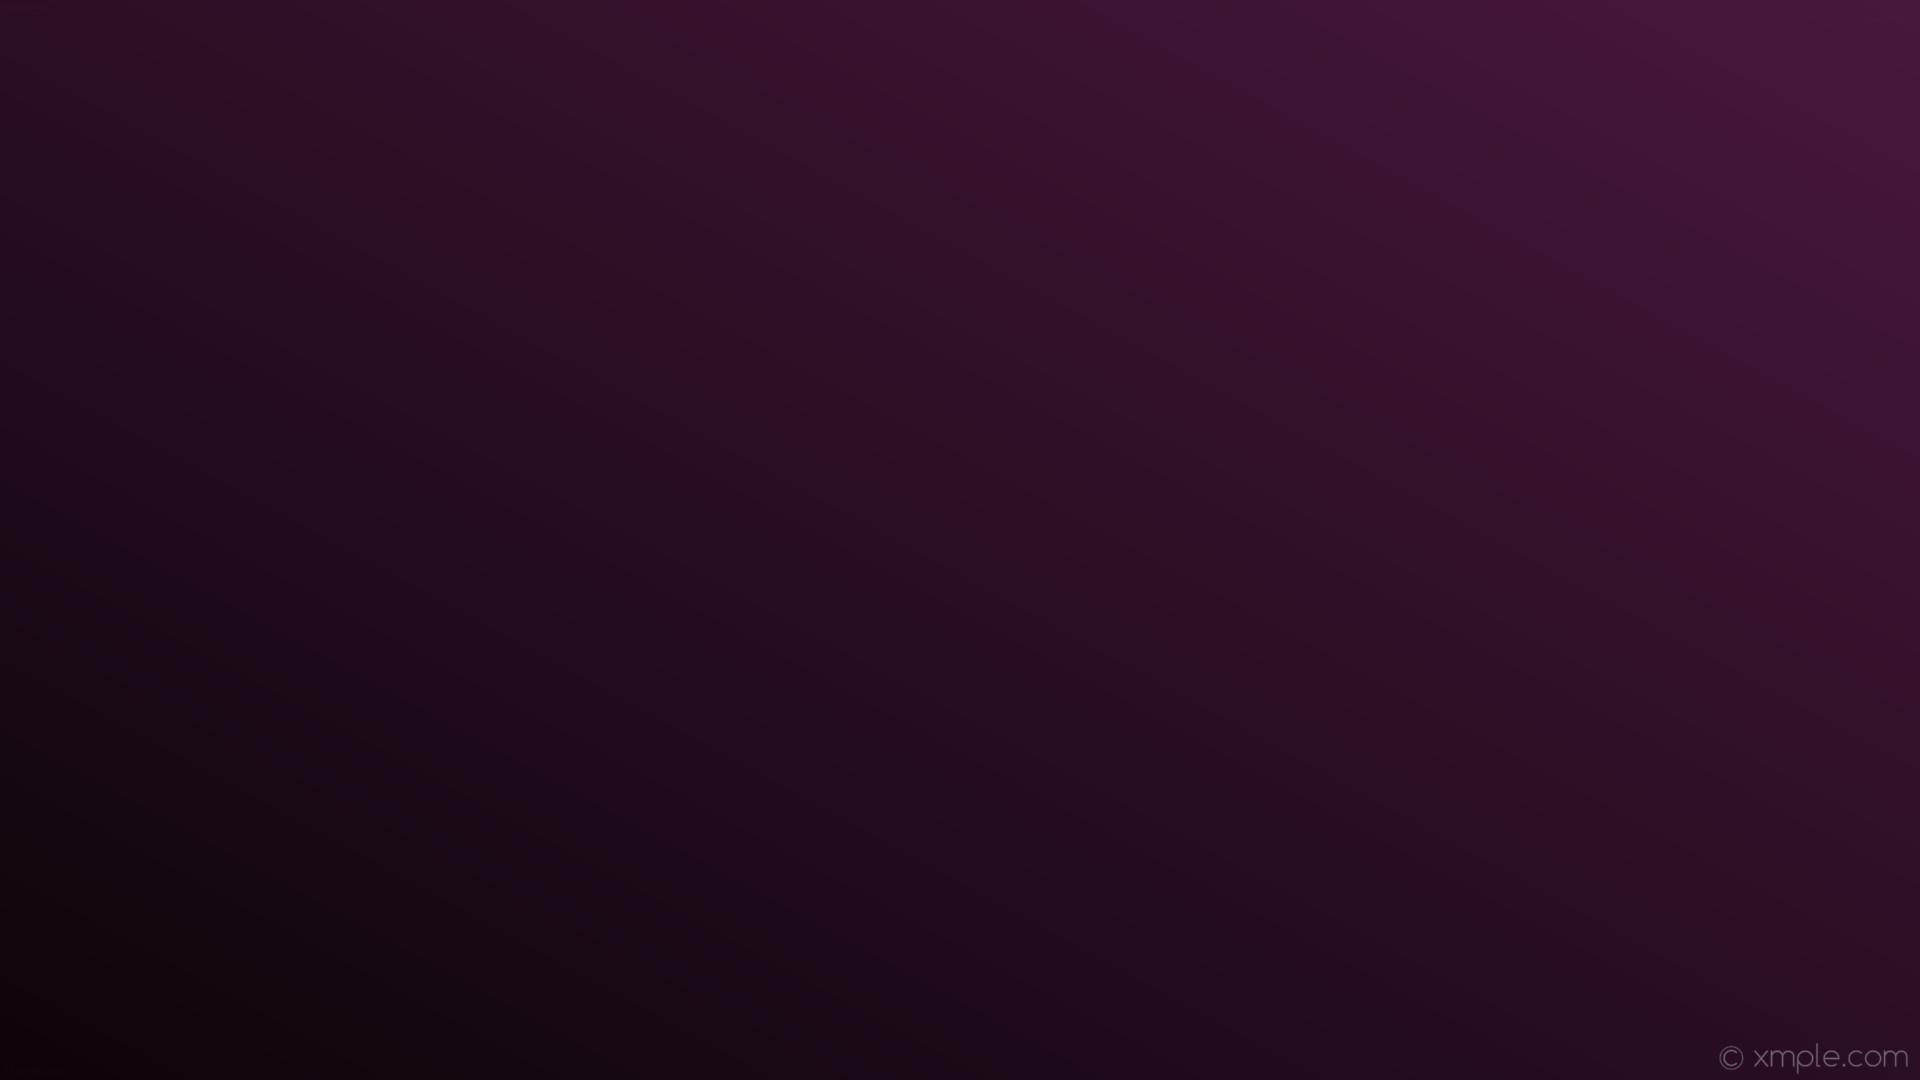 wallpaper linear magenta black gradient dark magenta #48173c #0d050b 30°